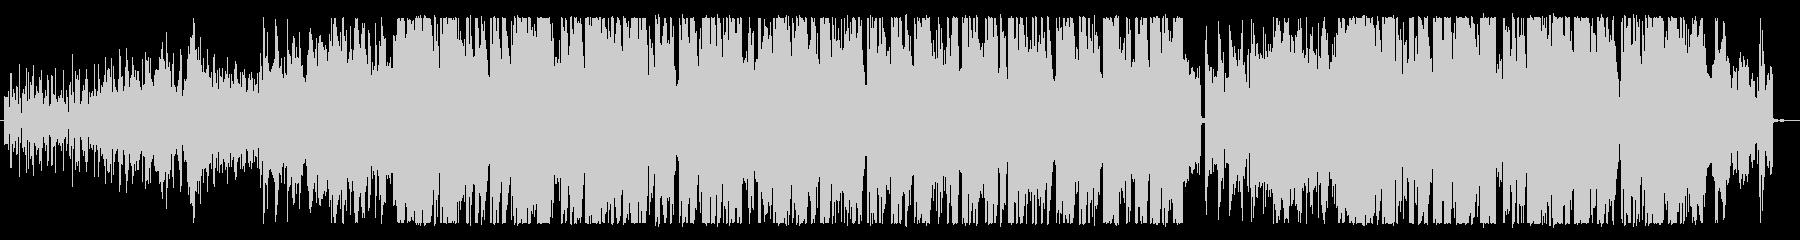 メロディアスなピアノポップの未再生の波形